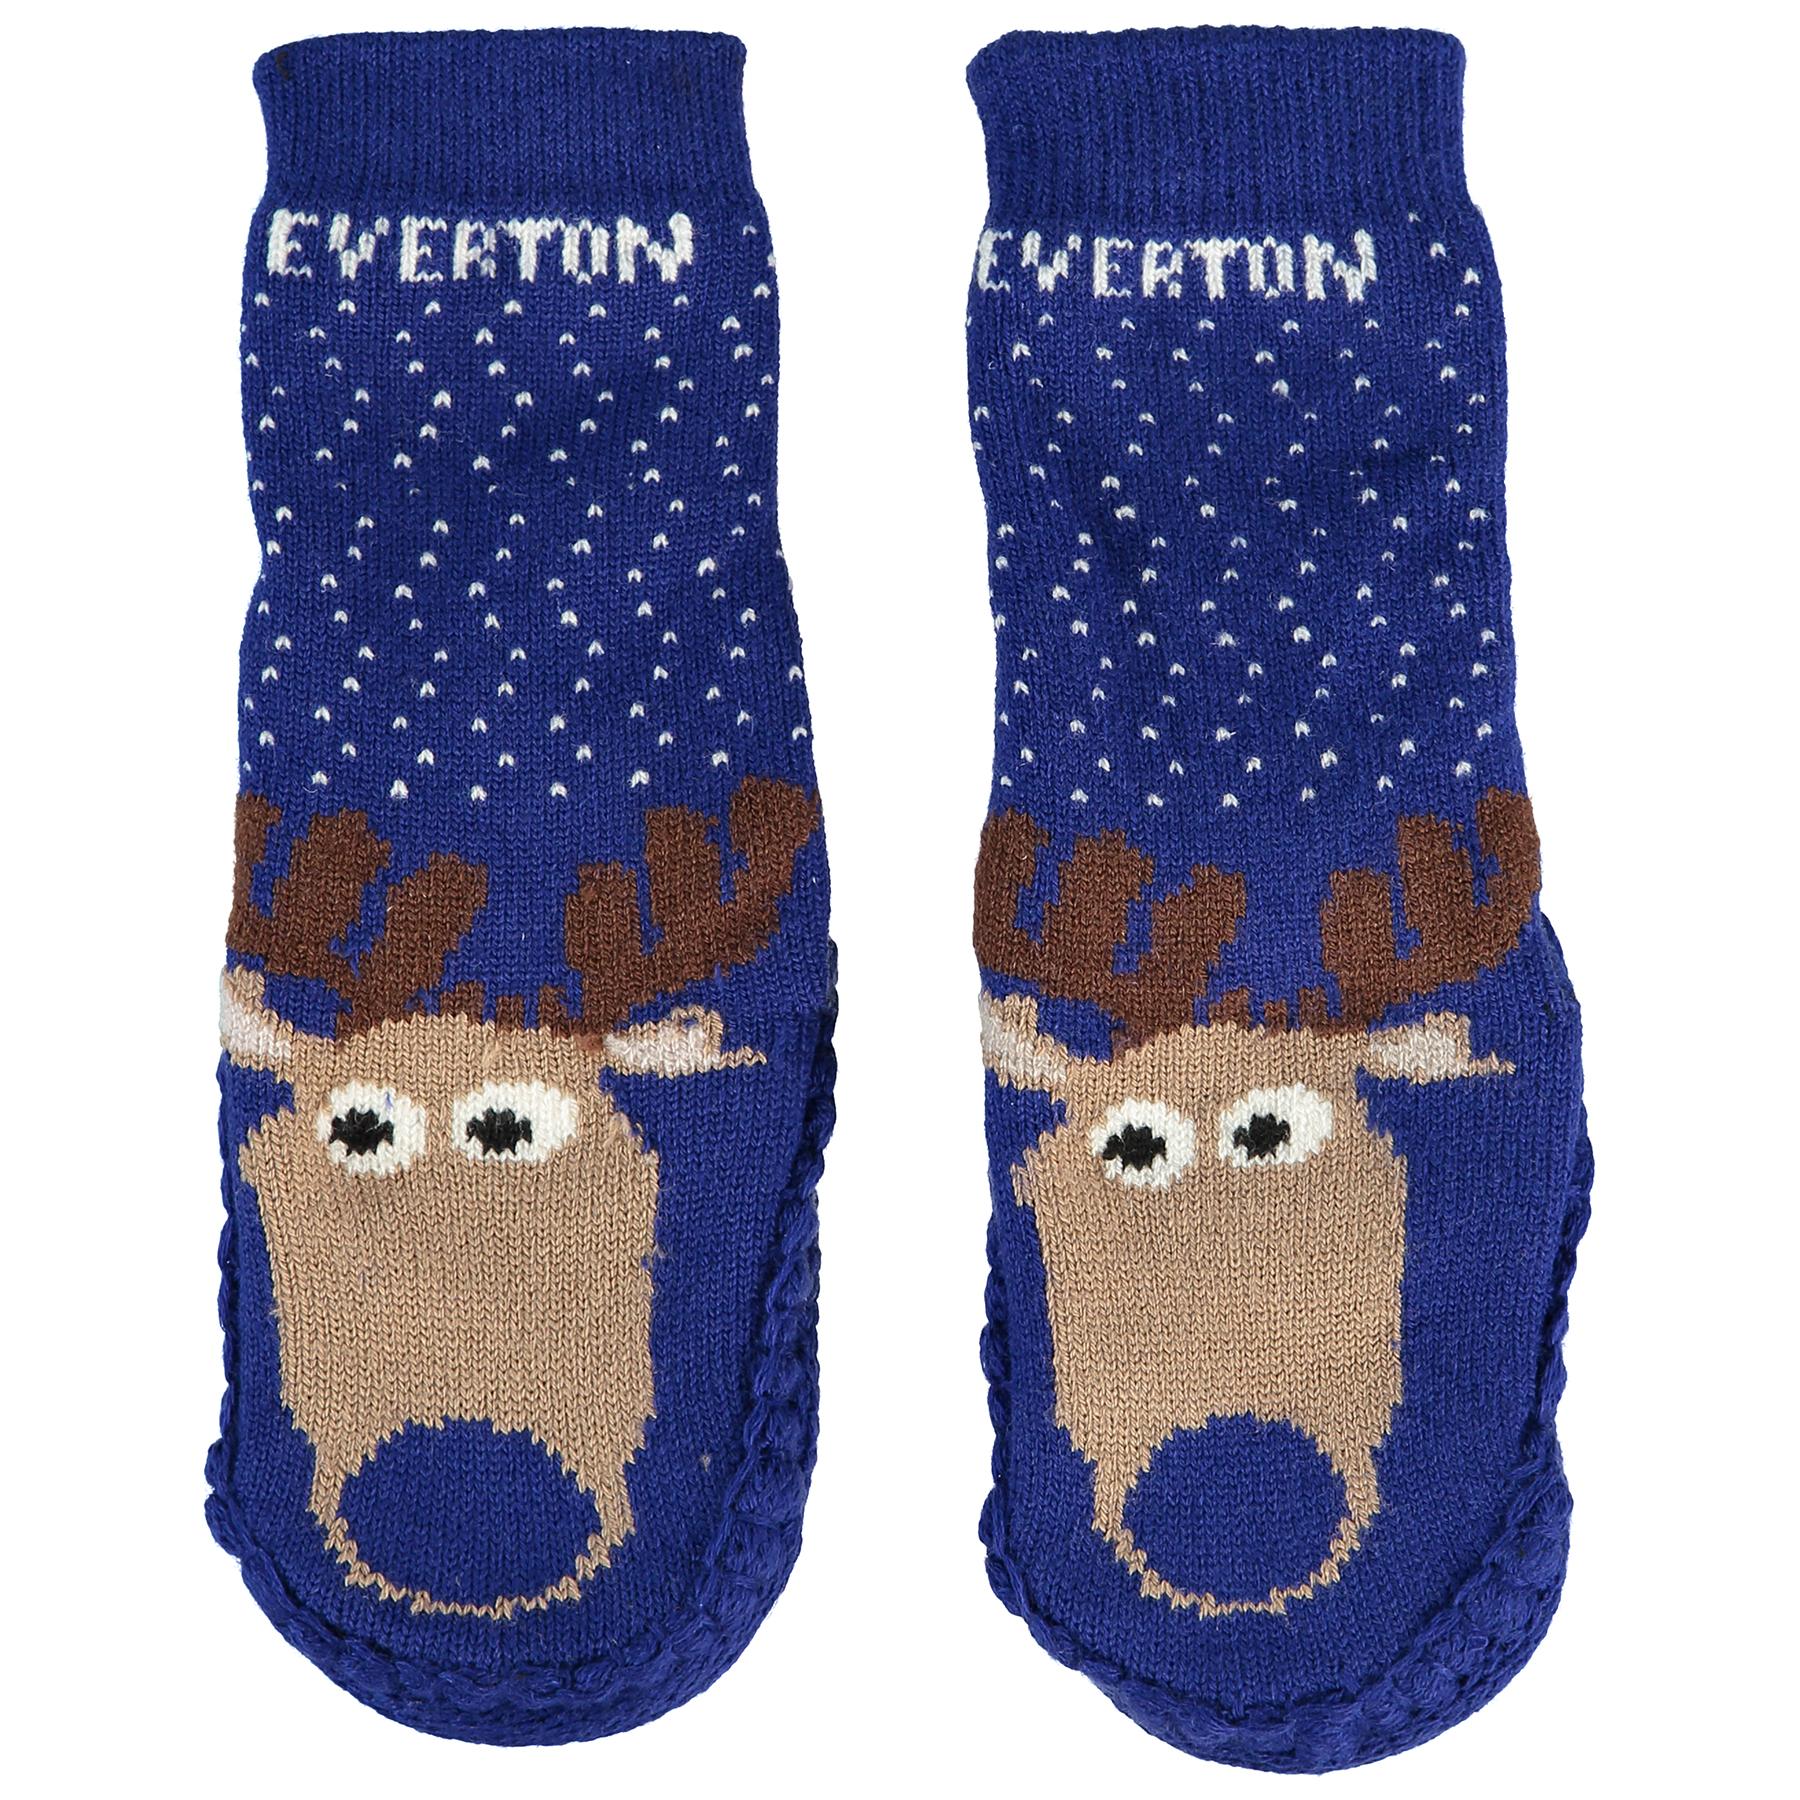 Everton Christmas Socks - Everton Blue - Infant